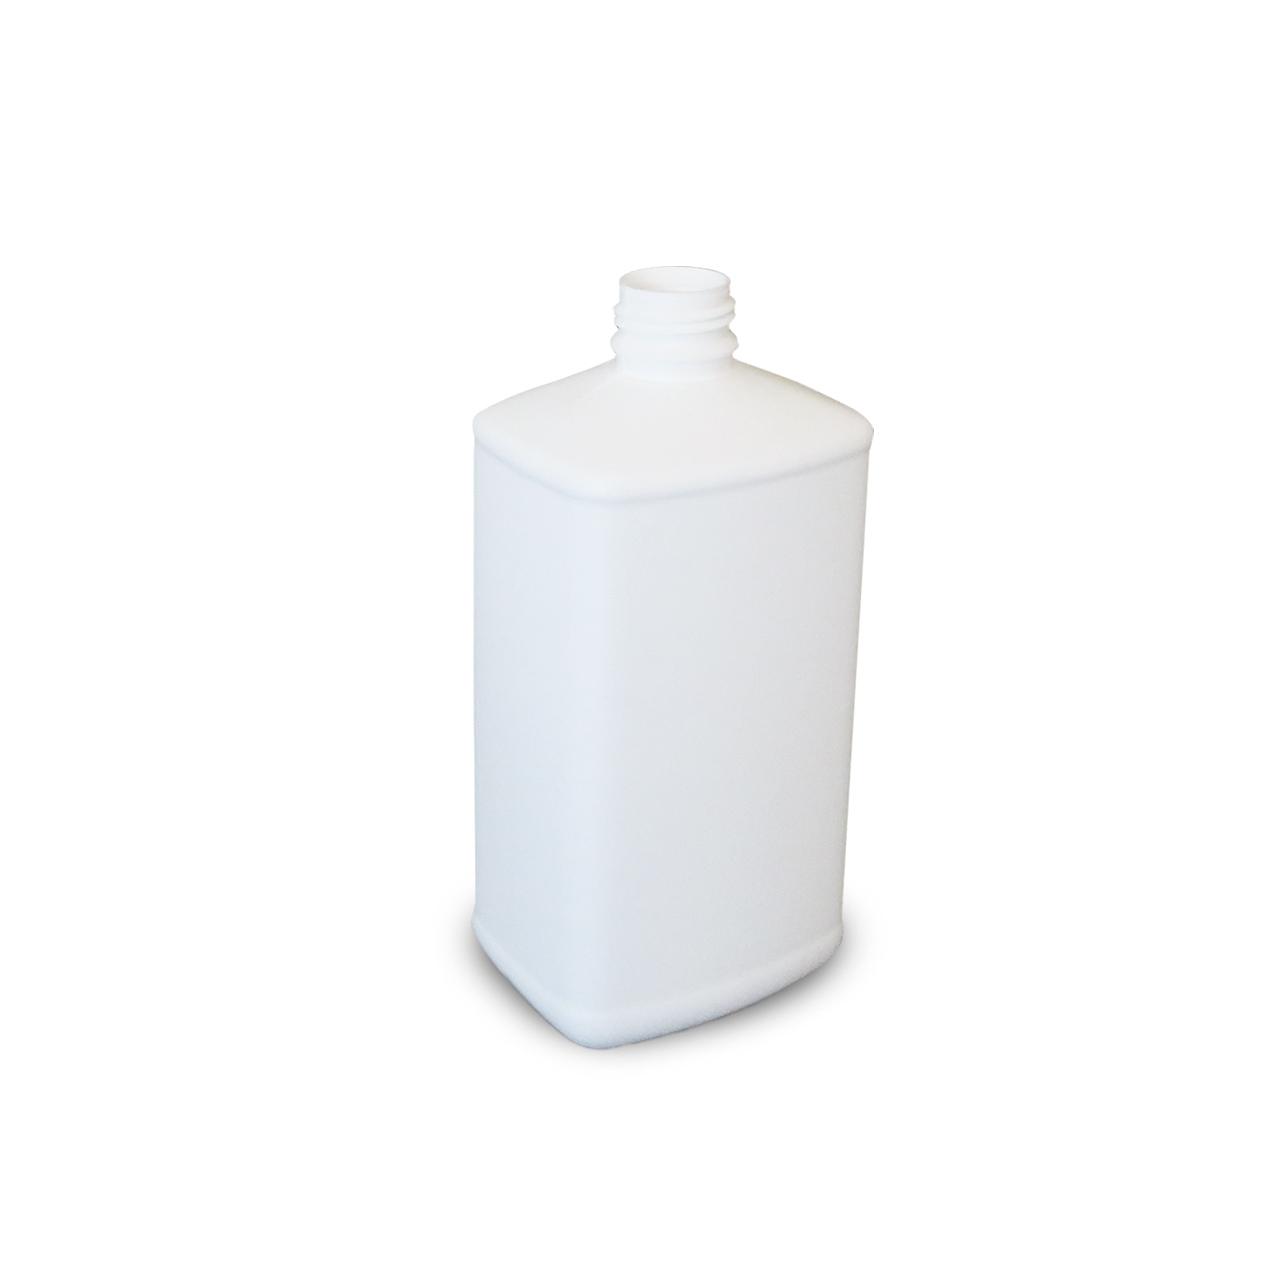 500 ml Kunststoffflasche, weiß, eckig, EÖ 32, FDA, o. UN